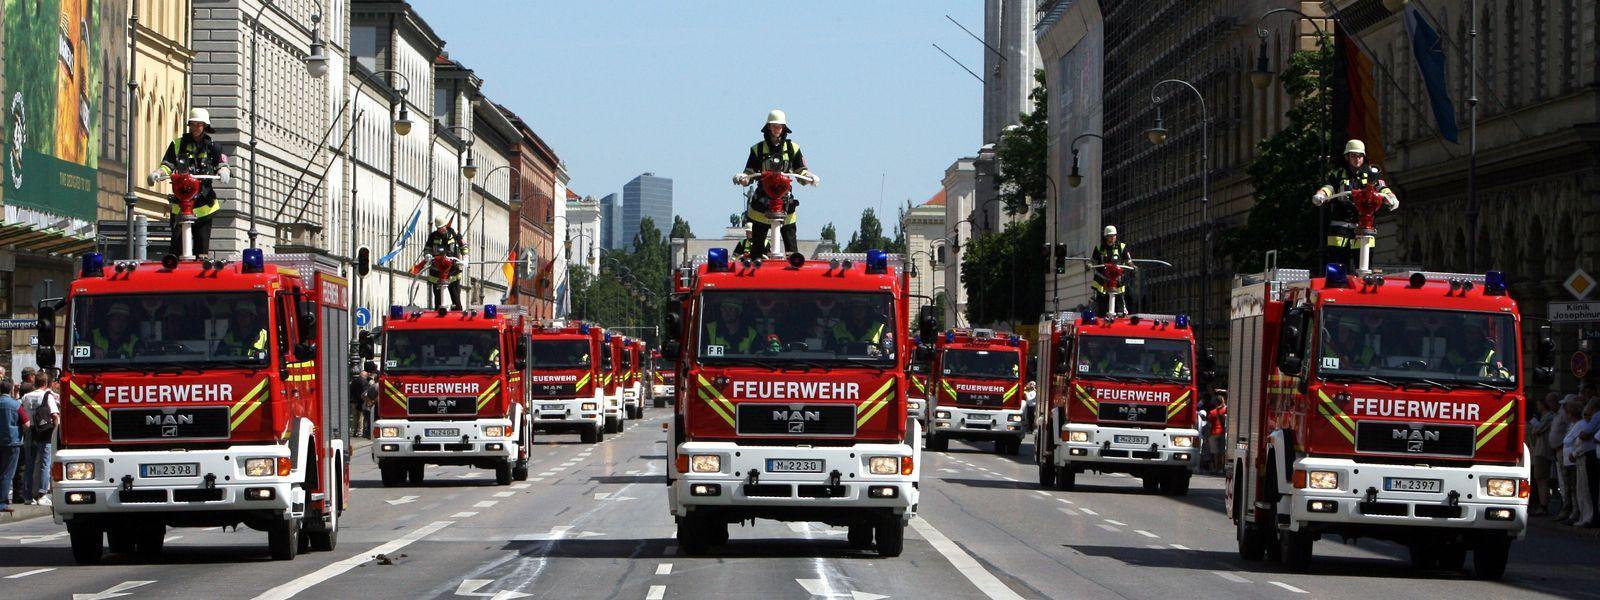 Fahrzeugparade der Feuerwehr